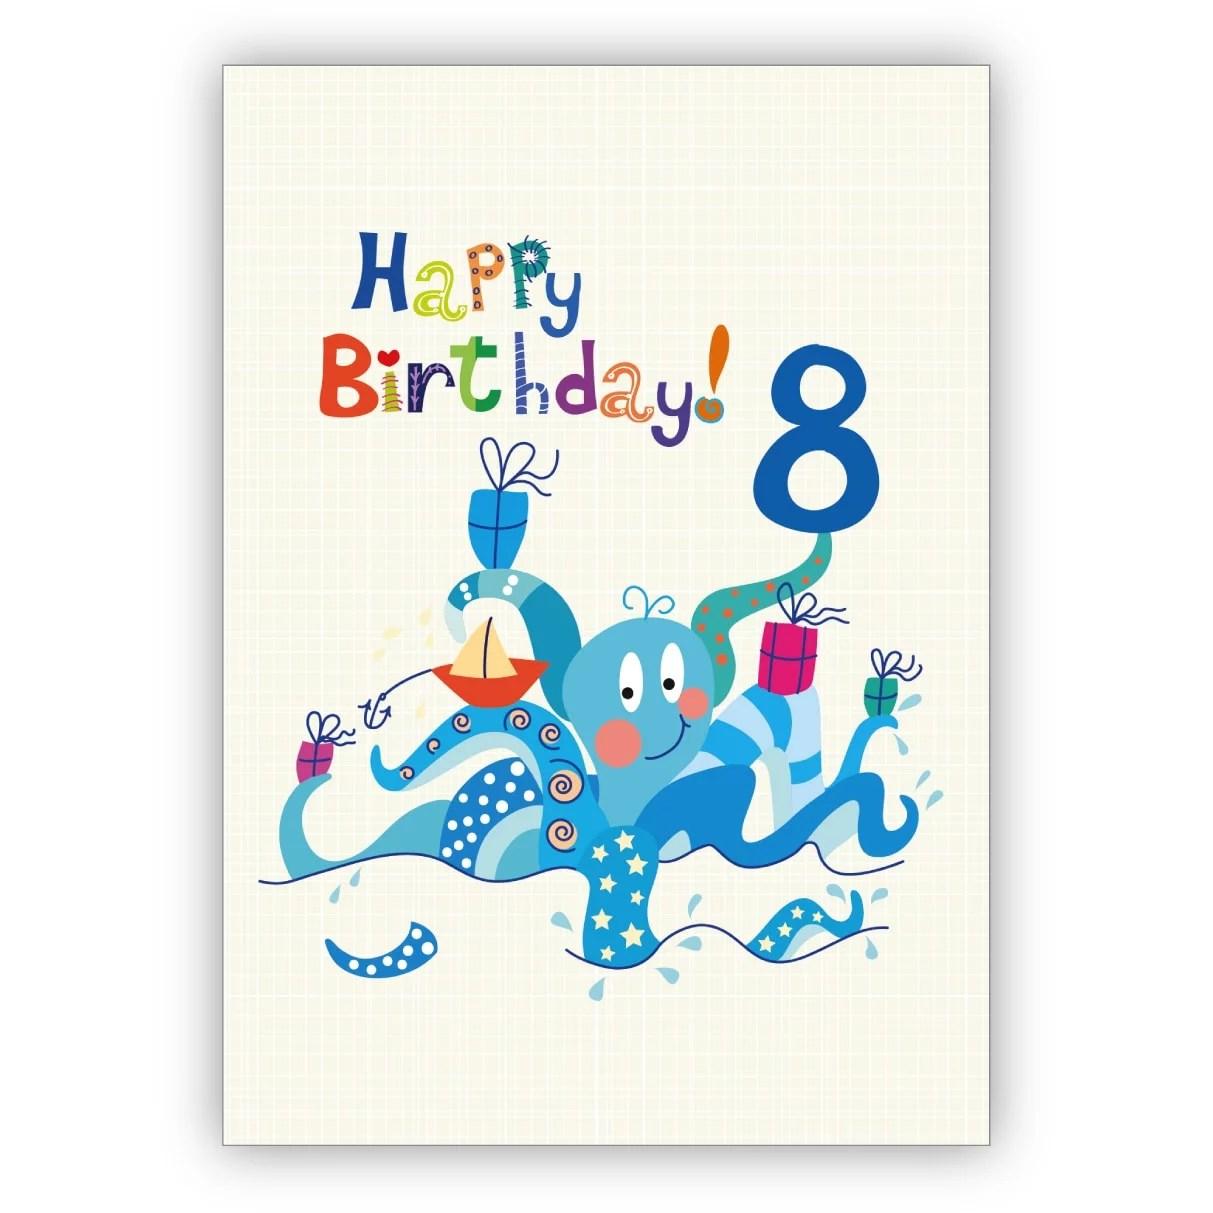 Twizler Geburtstagskarte Zum 5 Geburtstag Fur Madchen Motiv Mit